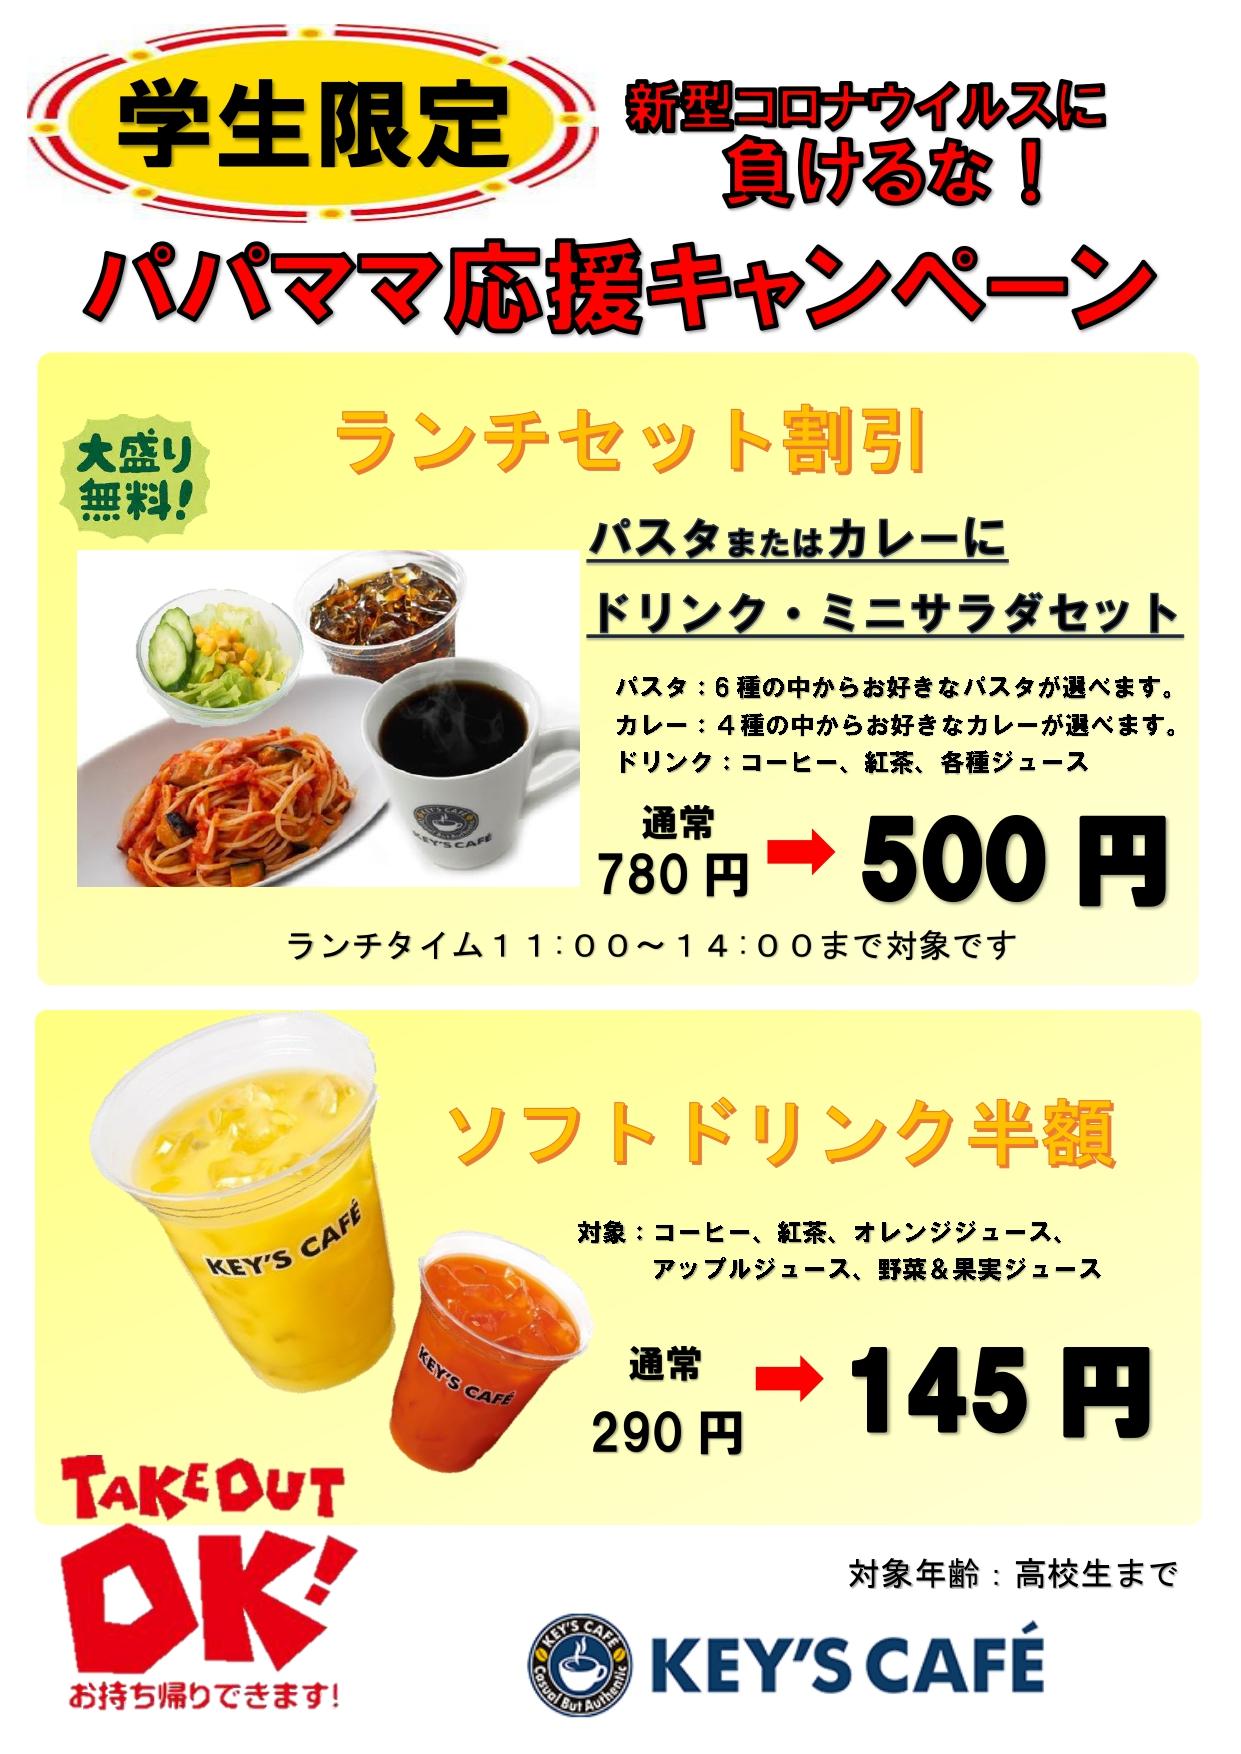 再販売:臨時休校中のお子様の食事をサポート実施中